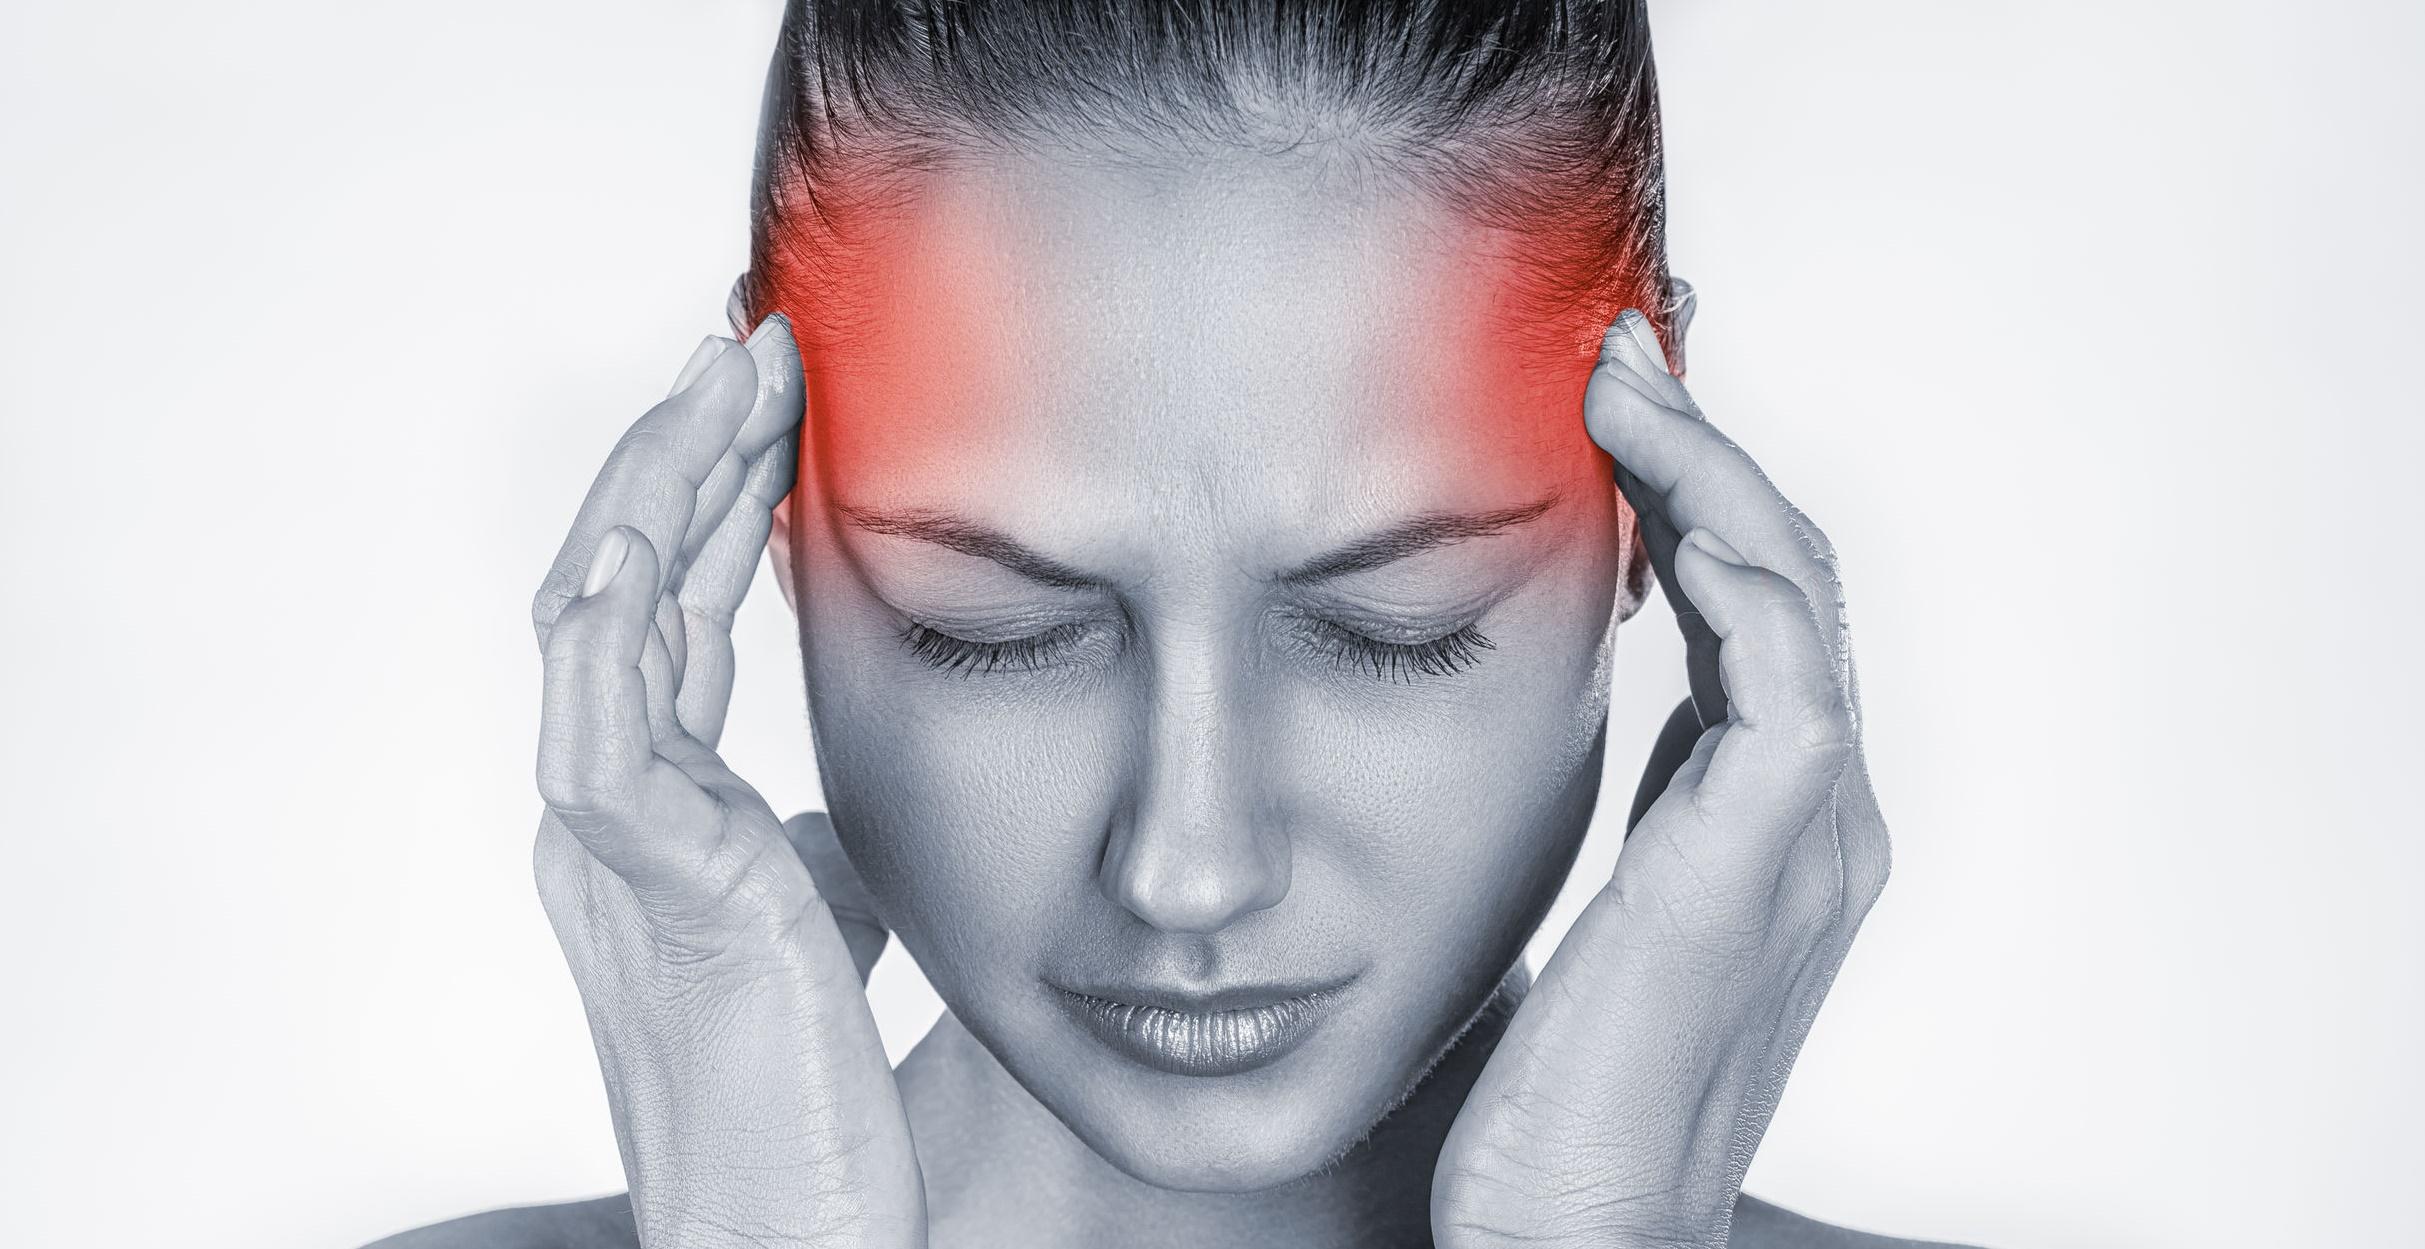 ازدياد الألم في أوقات محددة من اليوم